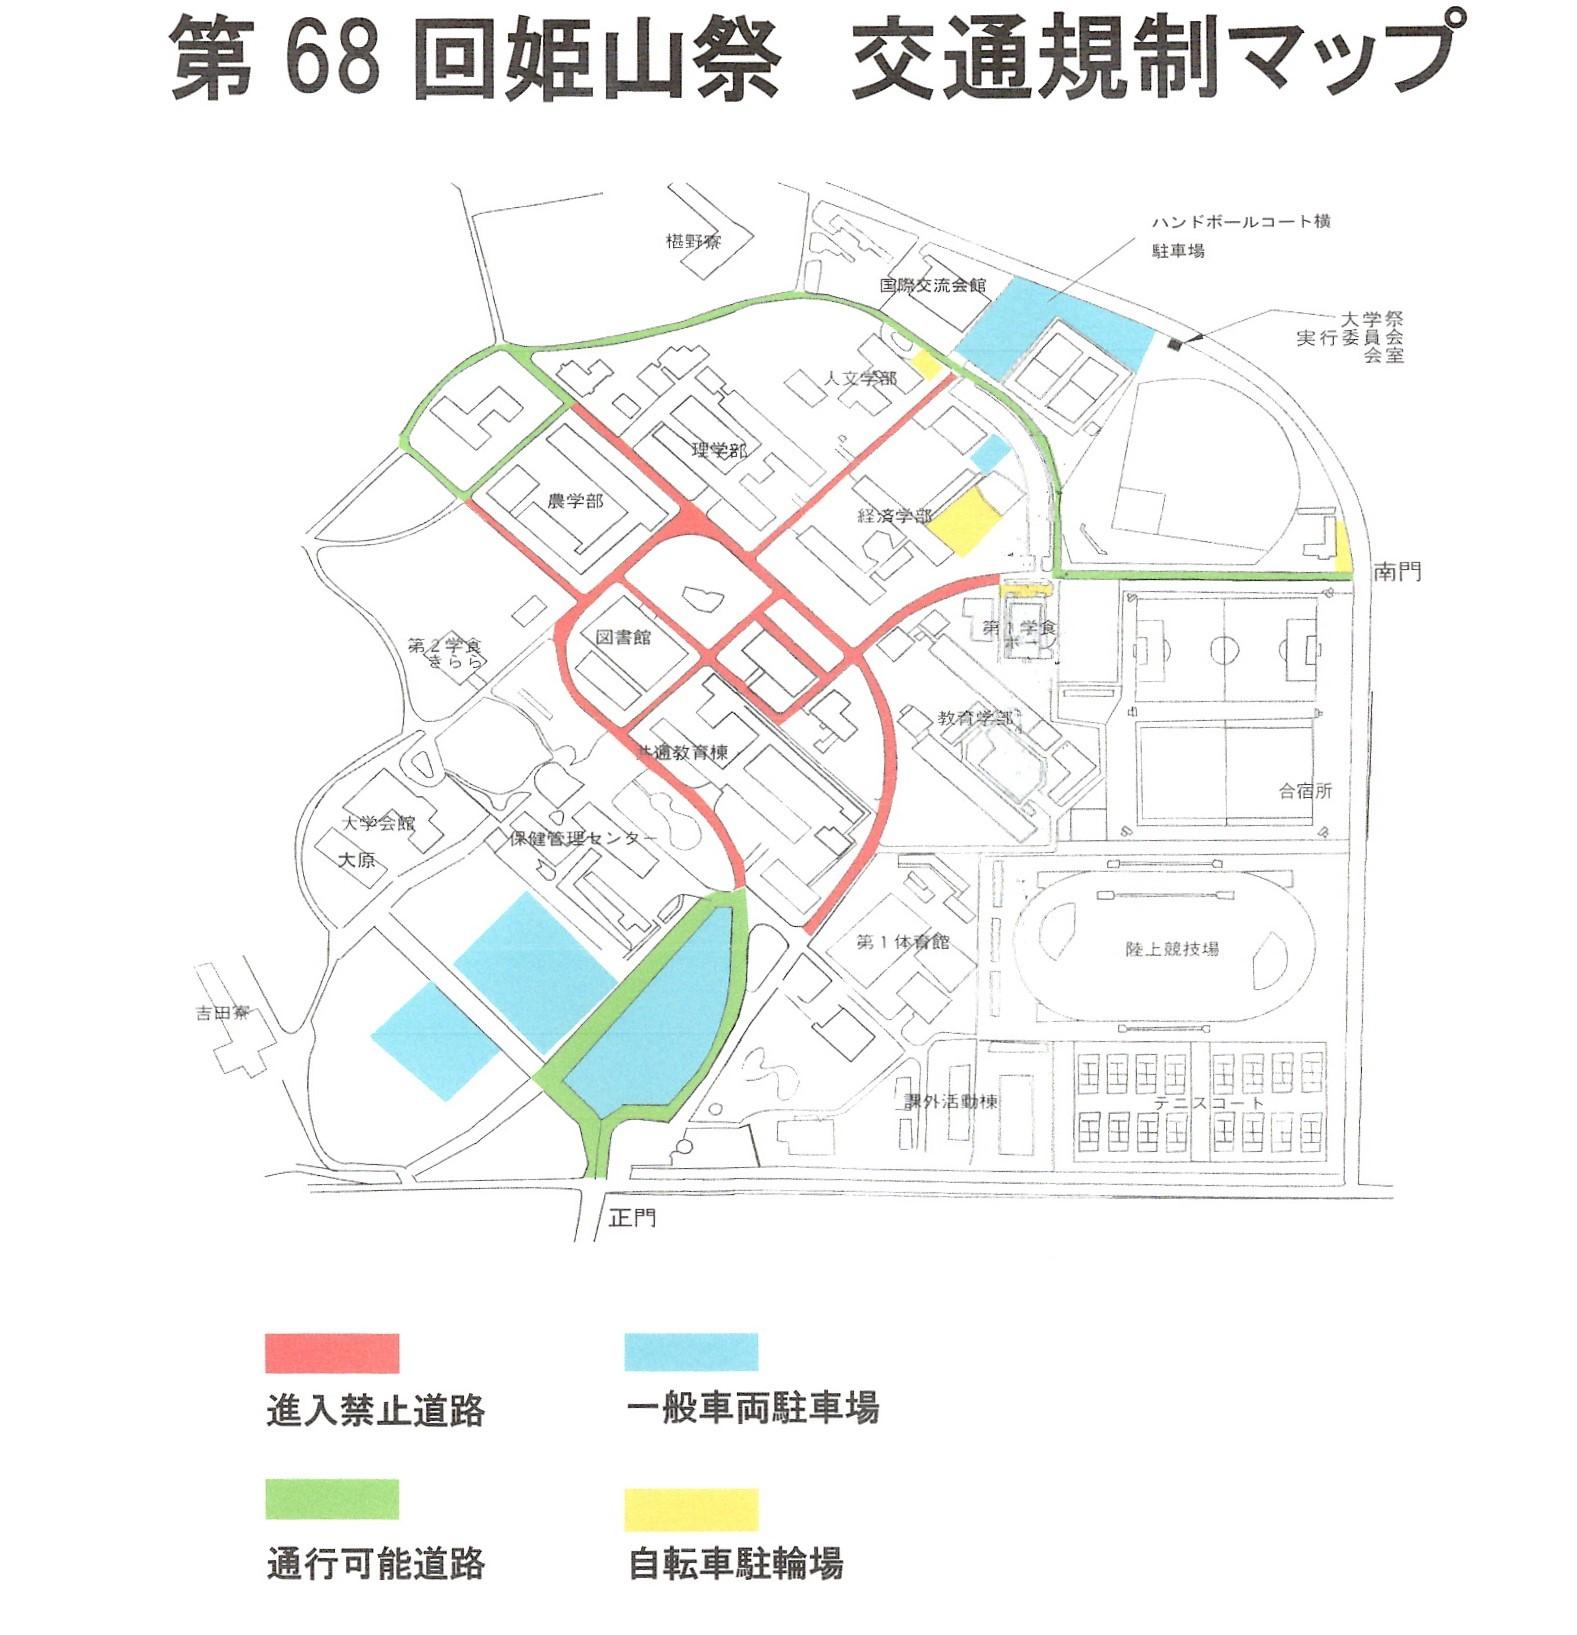 姫山祭20017駐車場